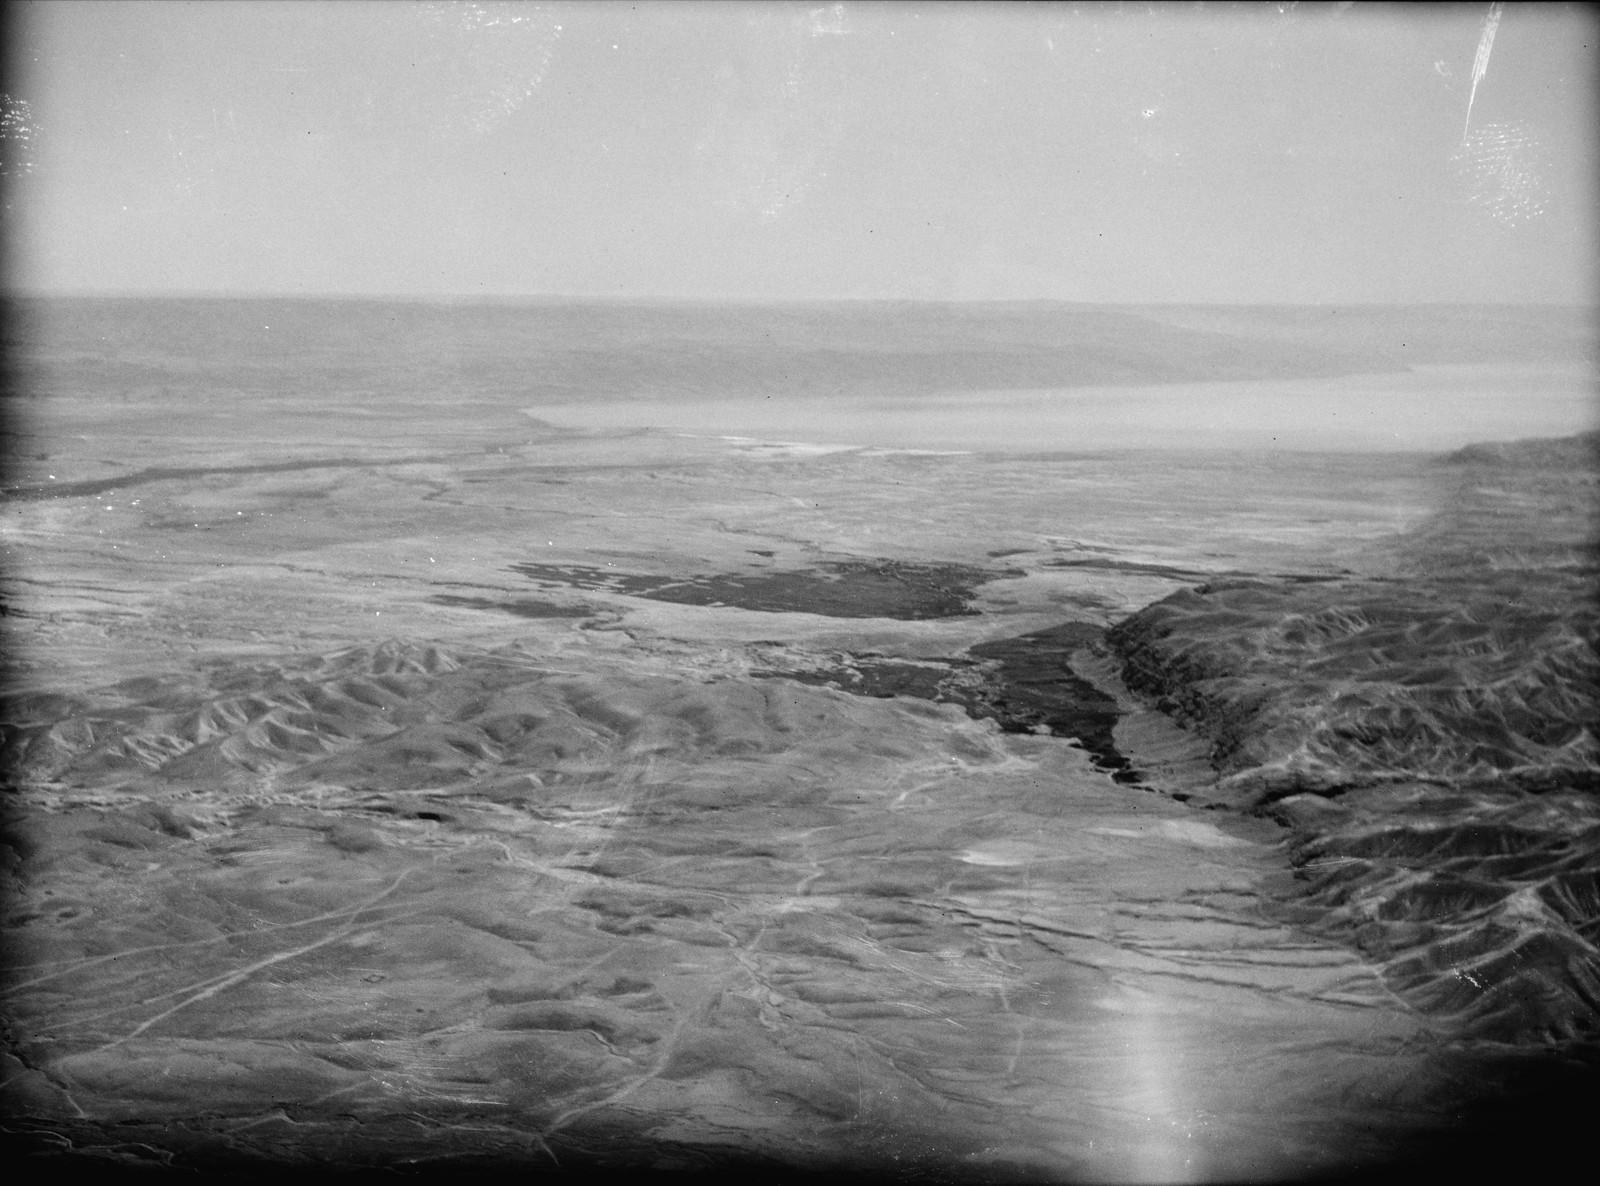 Полет на юг через Иорданский Разлом. Иерихонская равнина и Мертвое море. Отдаленный вид с оазисом Айн Герцога на среднем плане